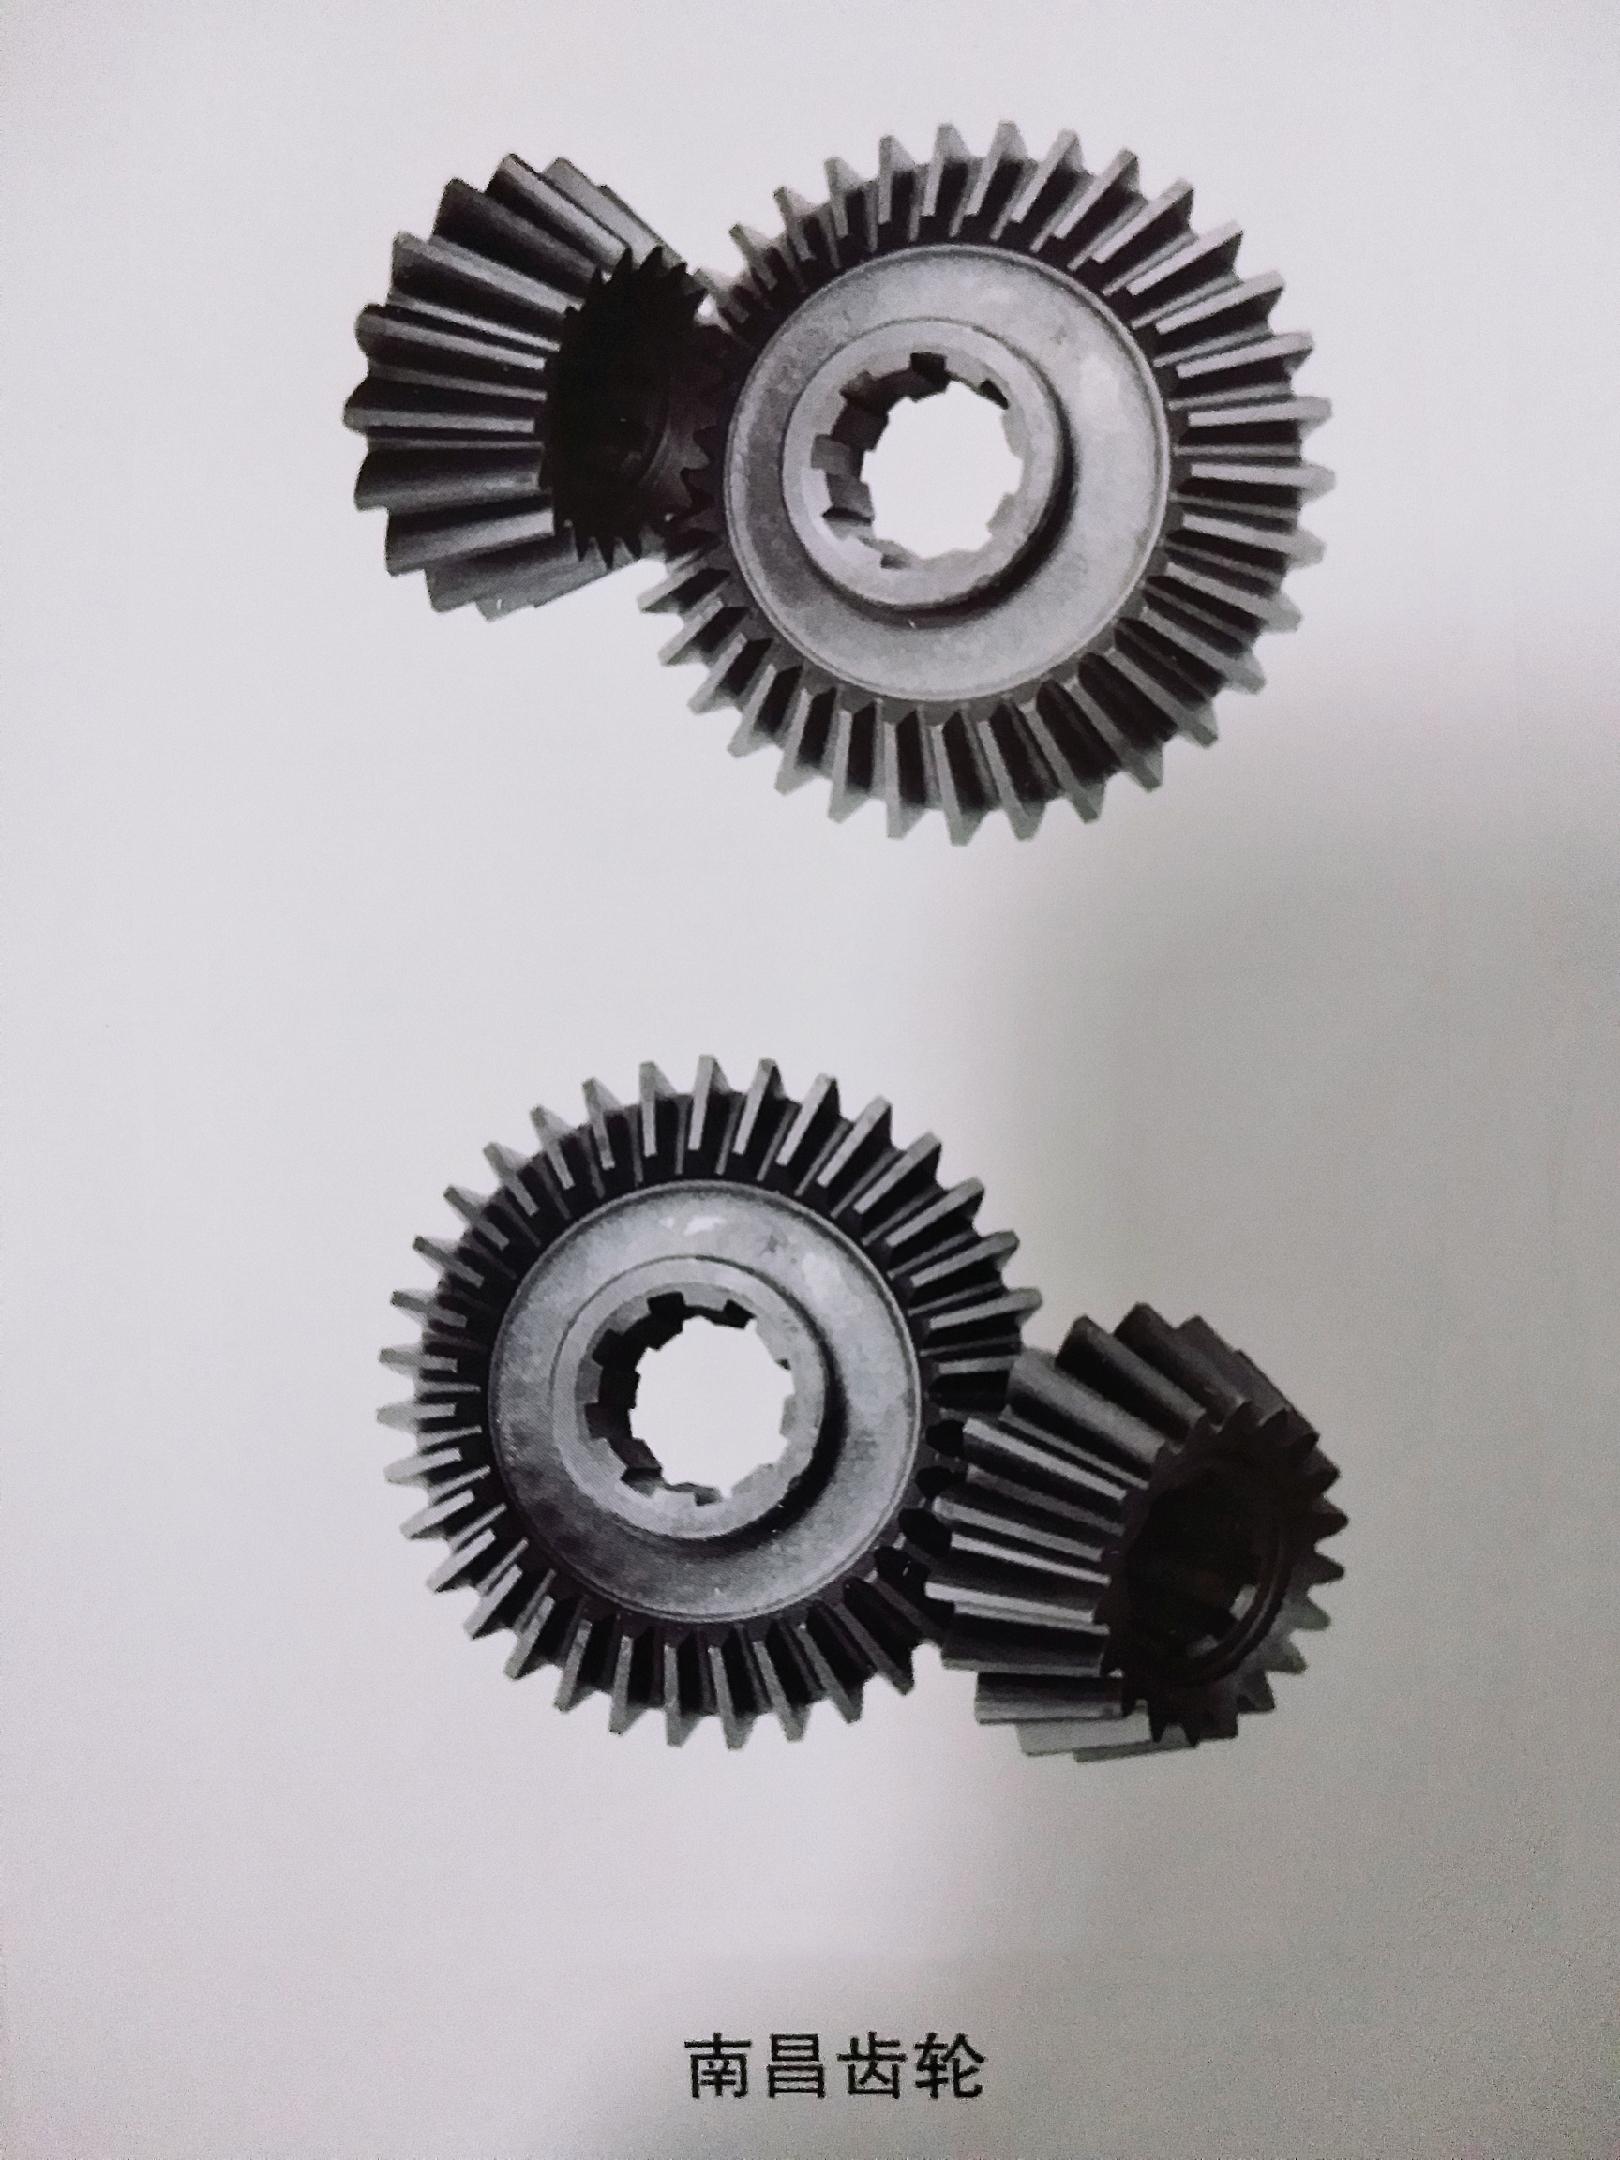 优质南昌齿轮价格 齿轮种类 齿轮批发